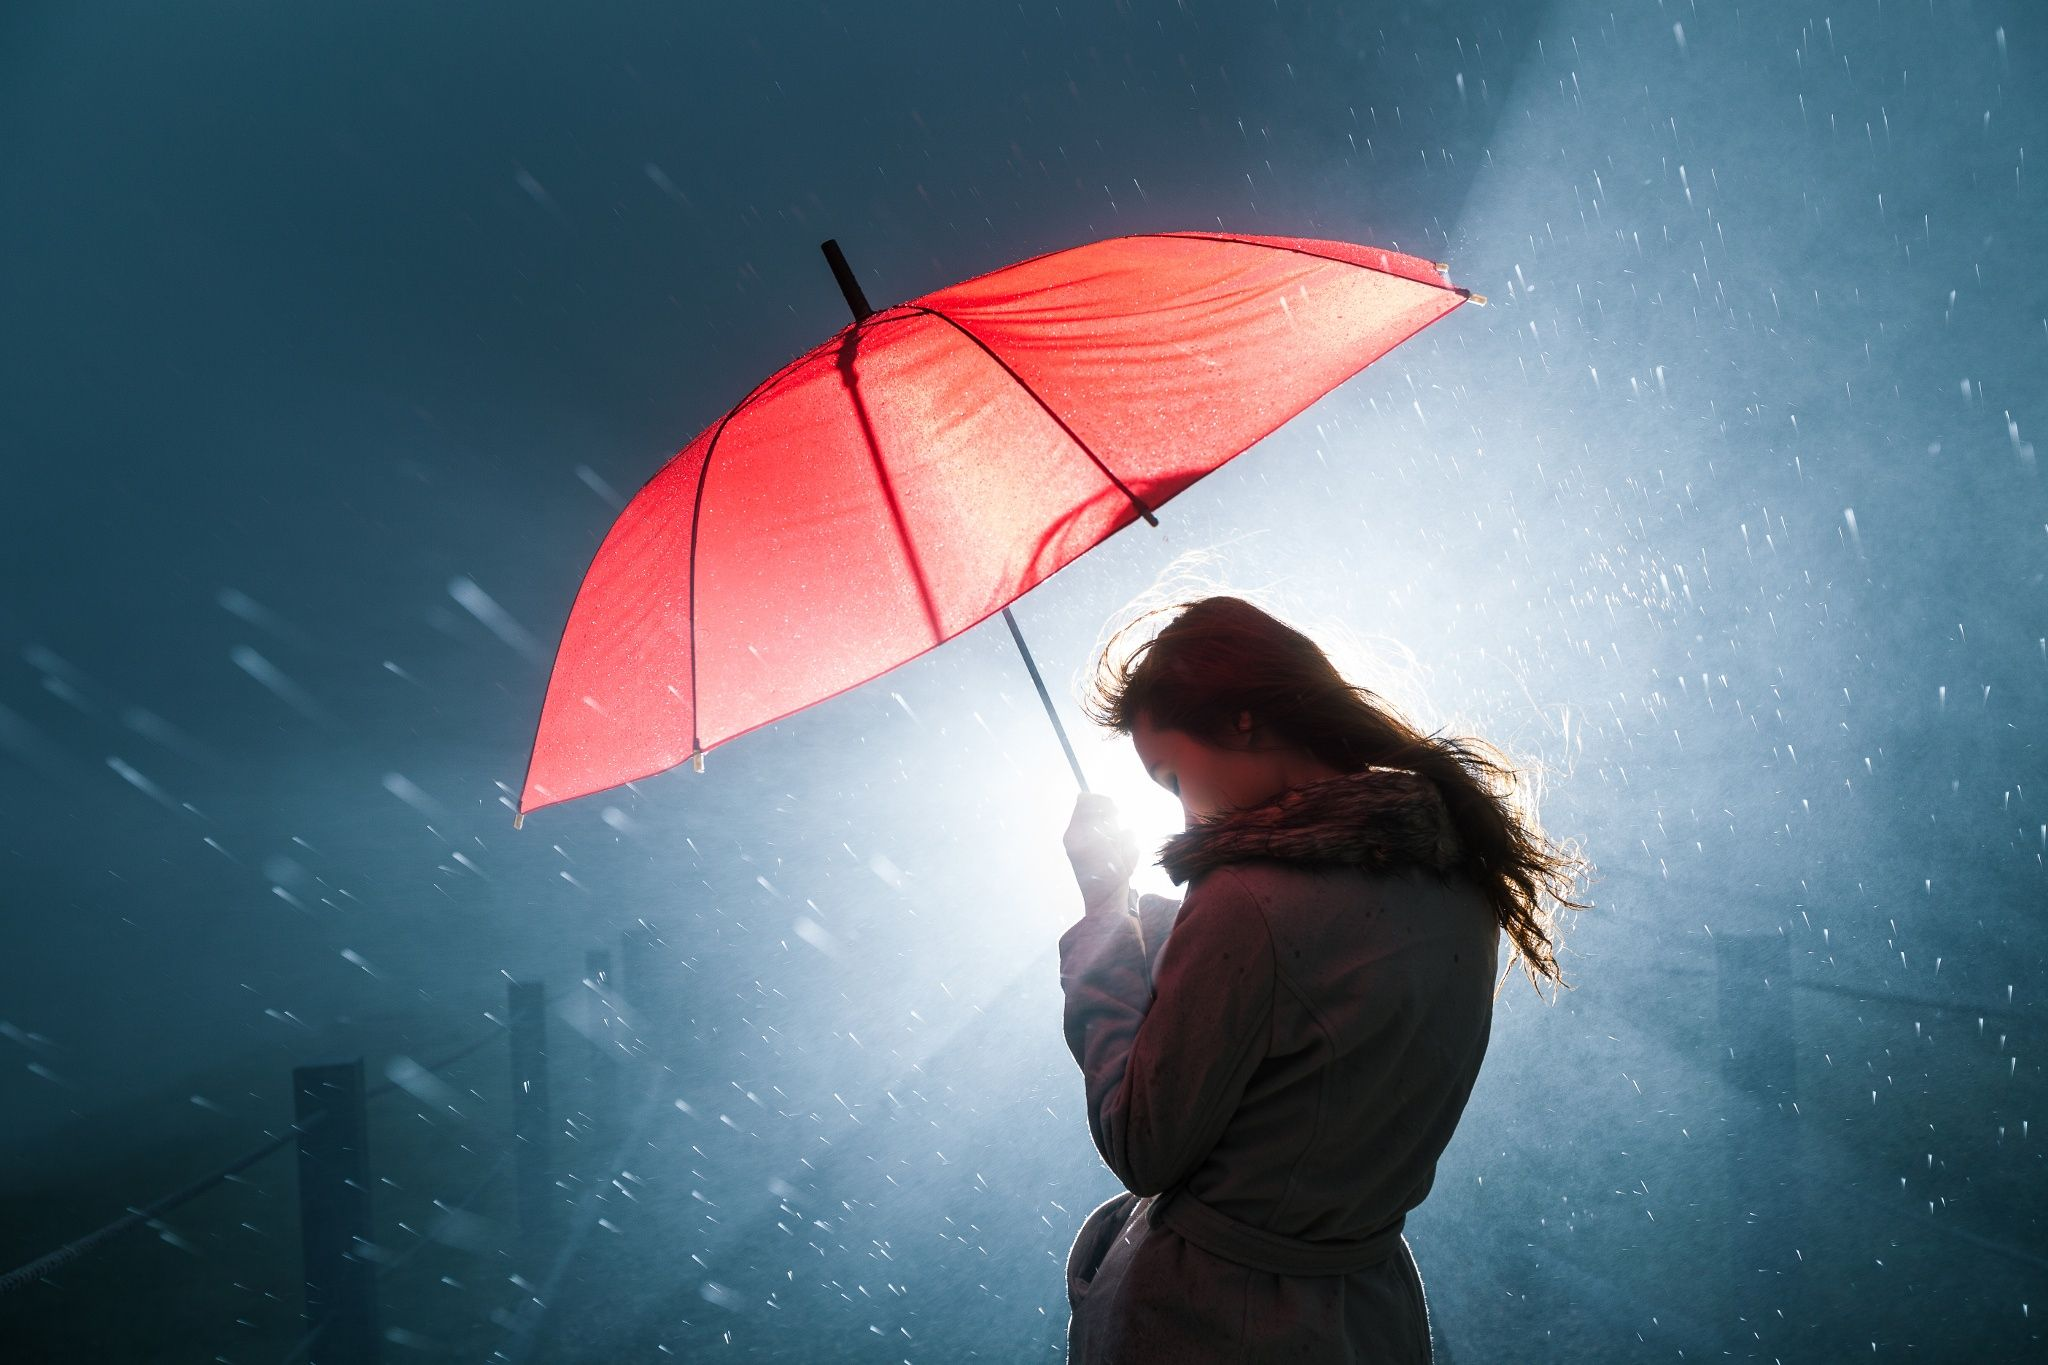 Картинки под зонтом вниз, обижай меня